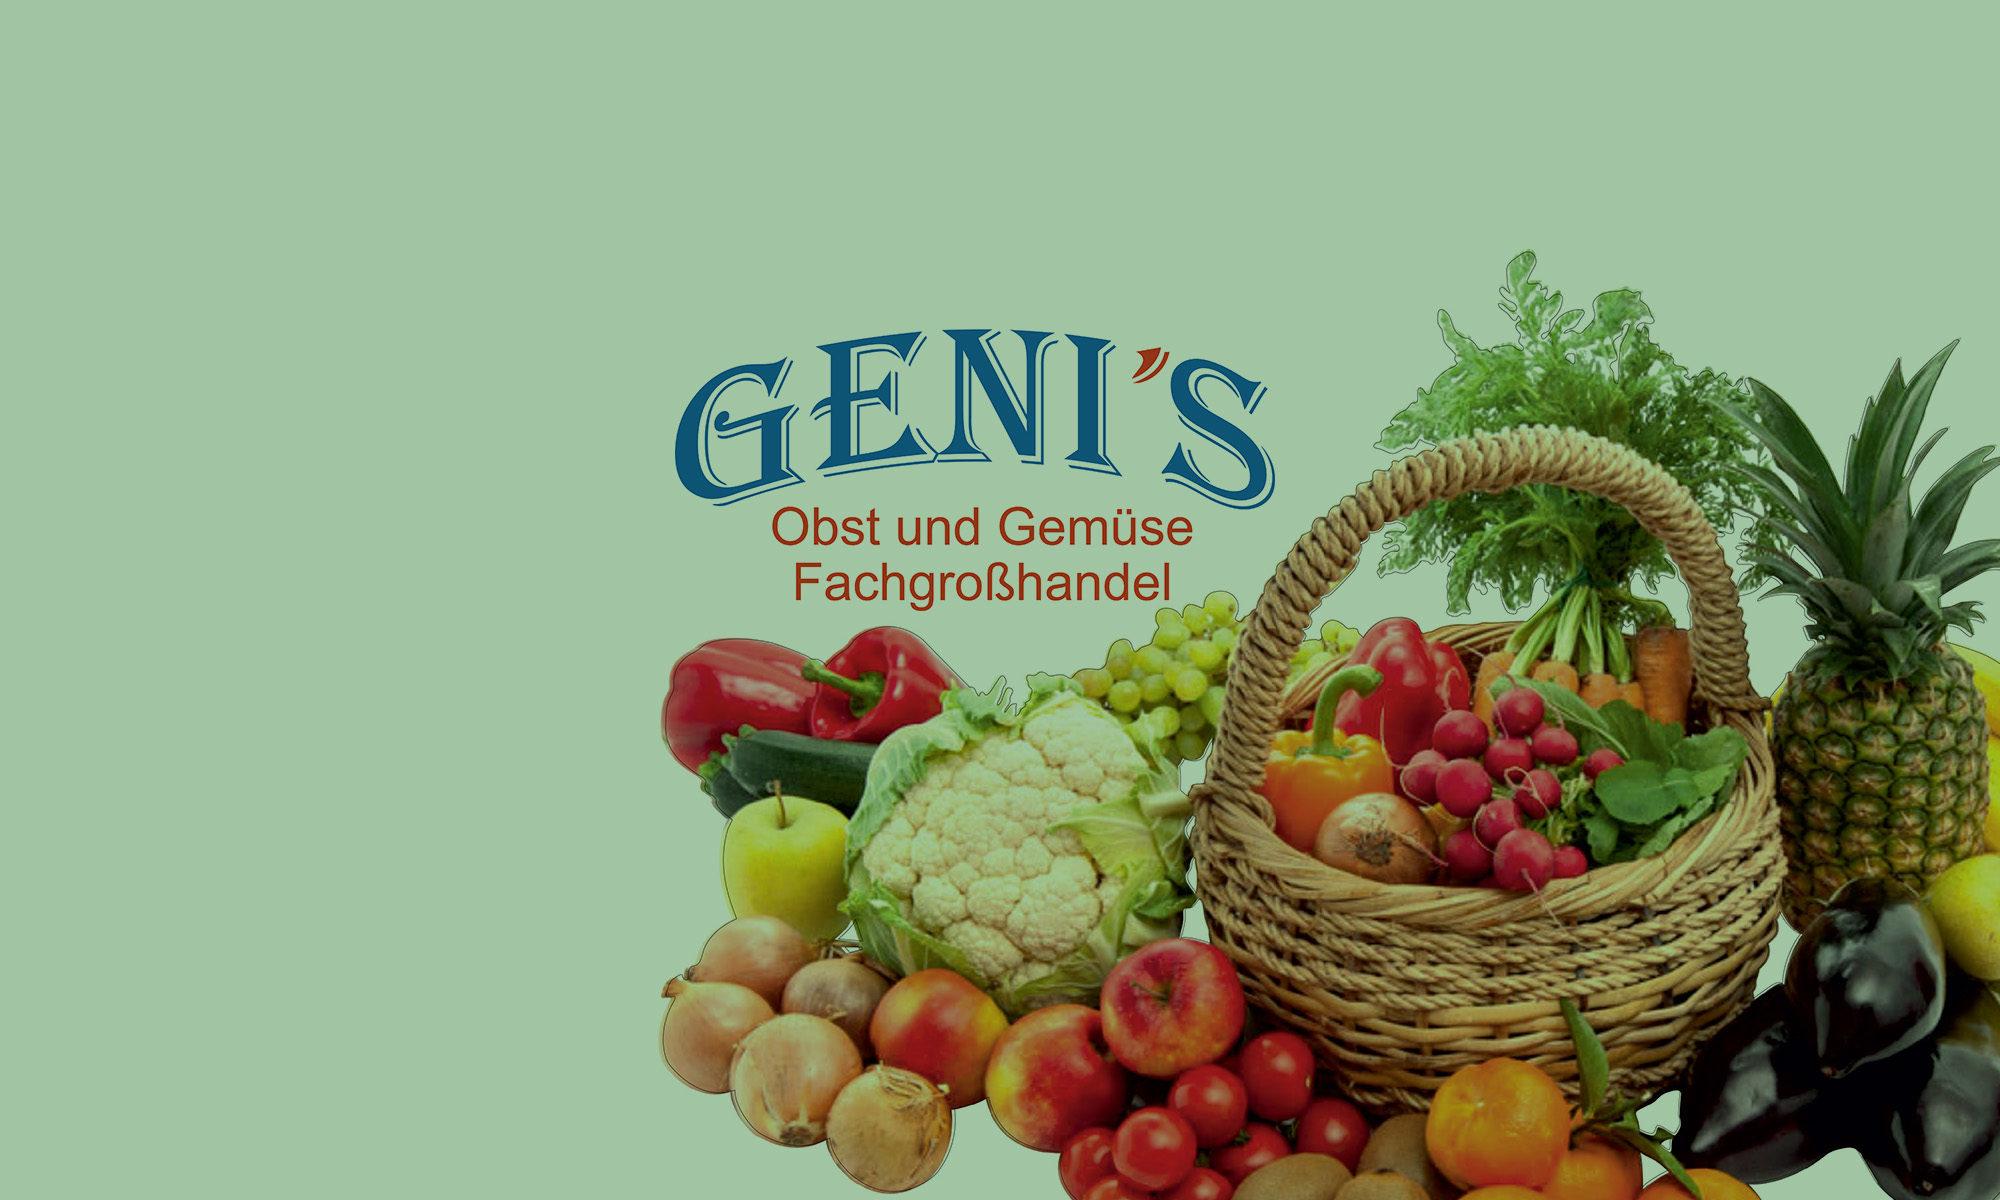 Geni's Obst und Gemüse Fachgroßhandel | Garmisch Partenkirchen